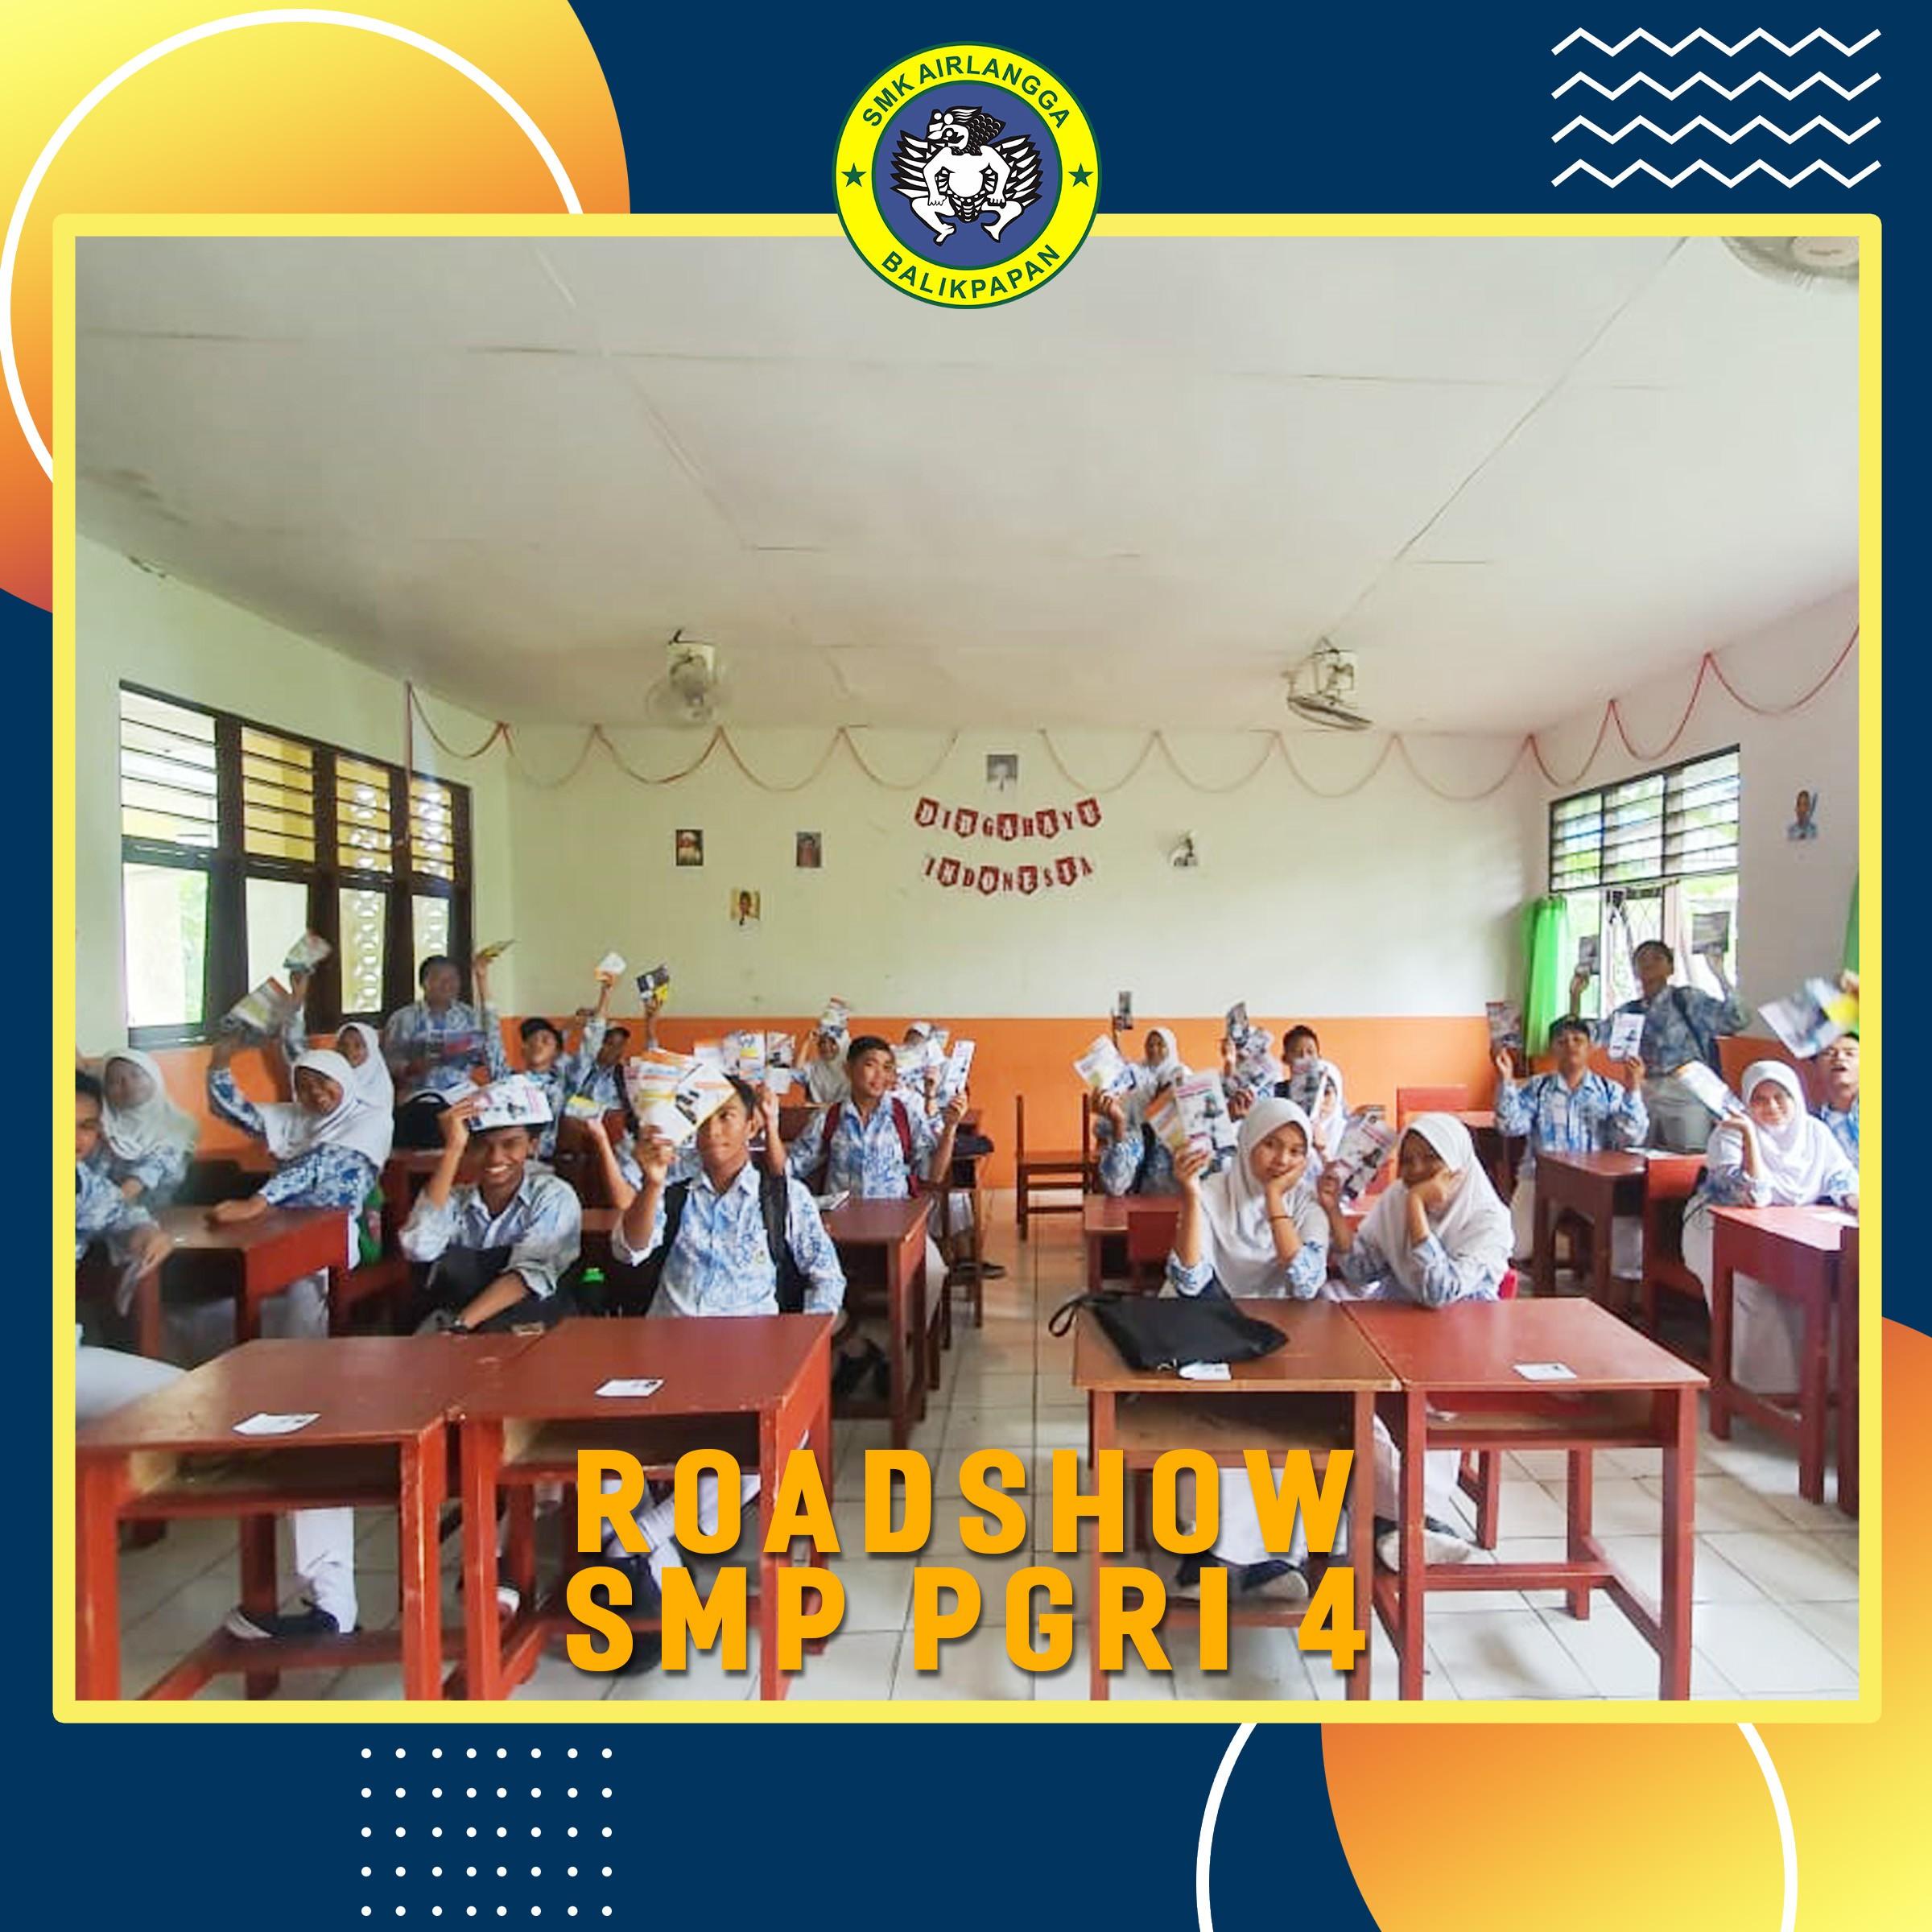 Roadshow Penerimaan Peserta Didik Baru 2020-2021 Skarla United ke SMP PGRI 4 Balikpapan